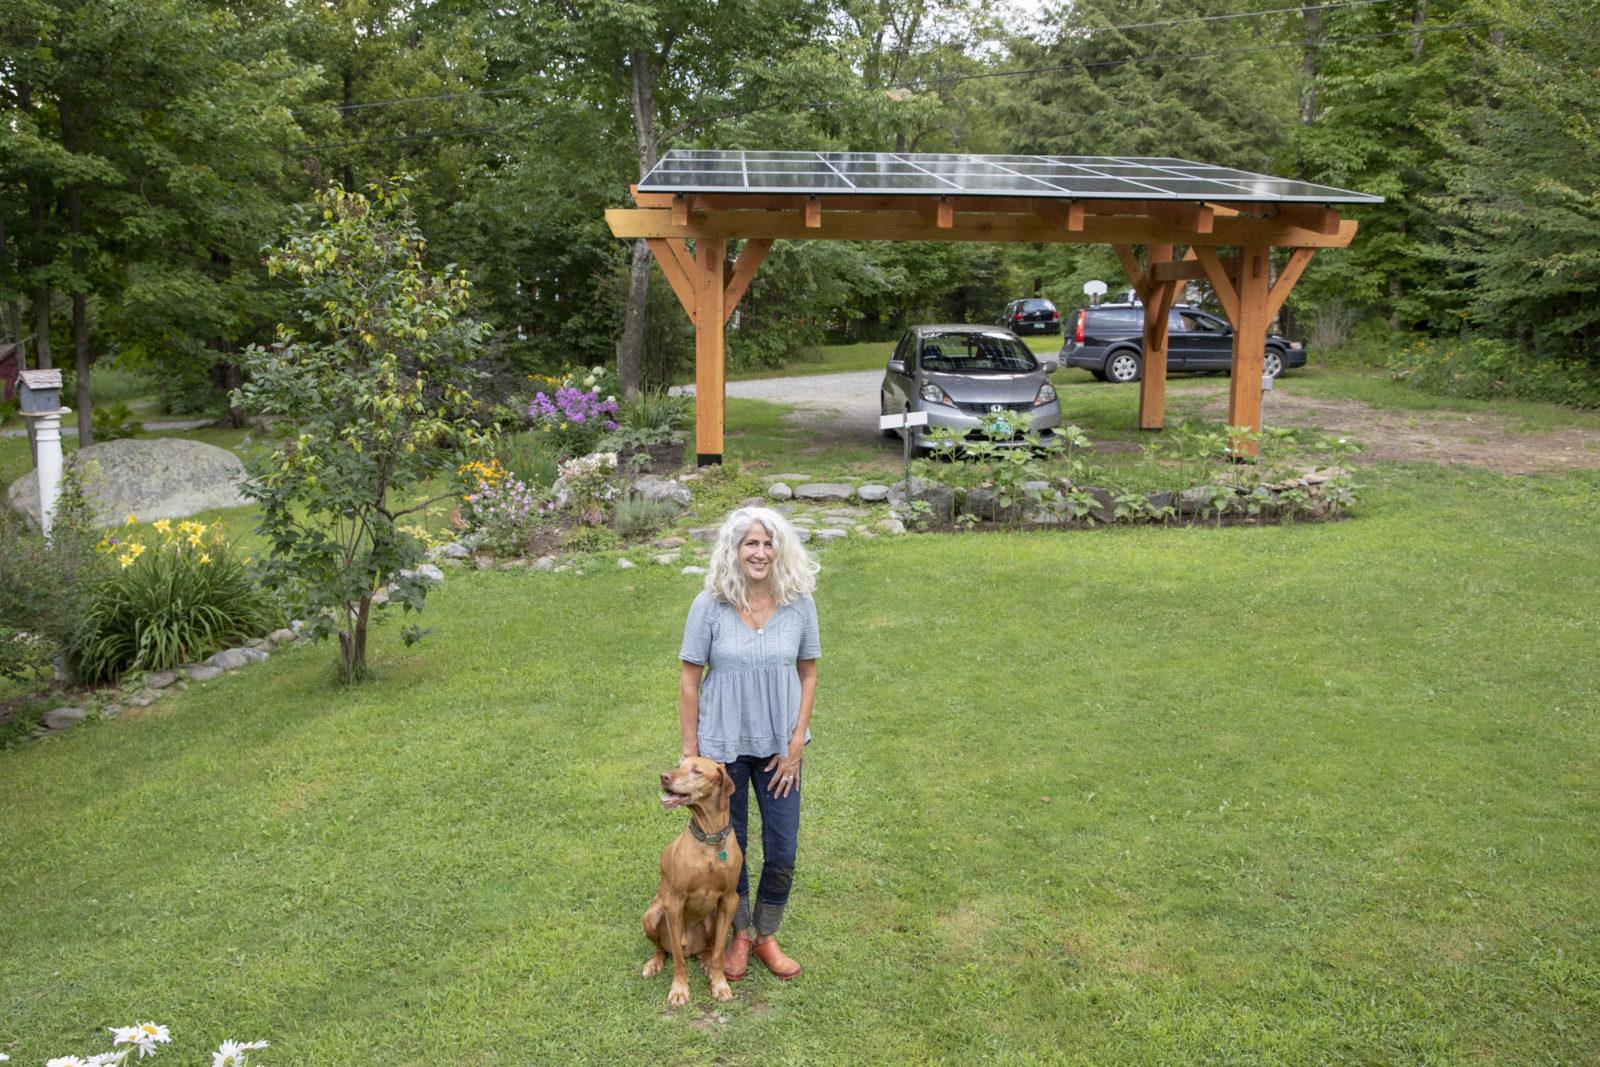 20190809_Homeowner_Canopy_Nicole_Bourassa_Underhill_Vermont_VT_Dog_Summer_Garden_254A9673